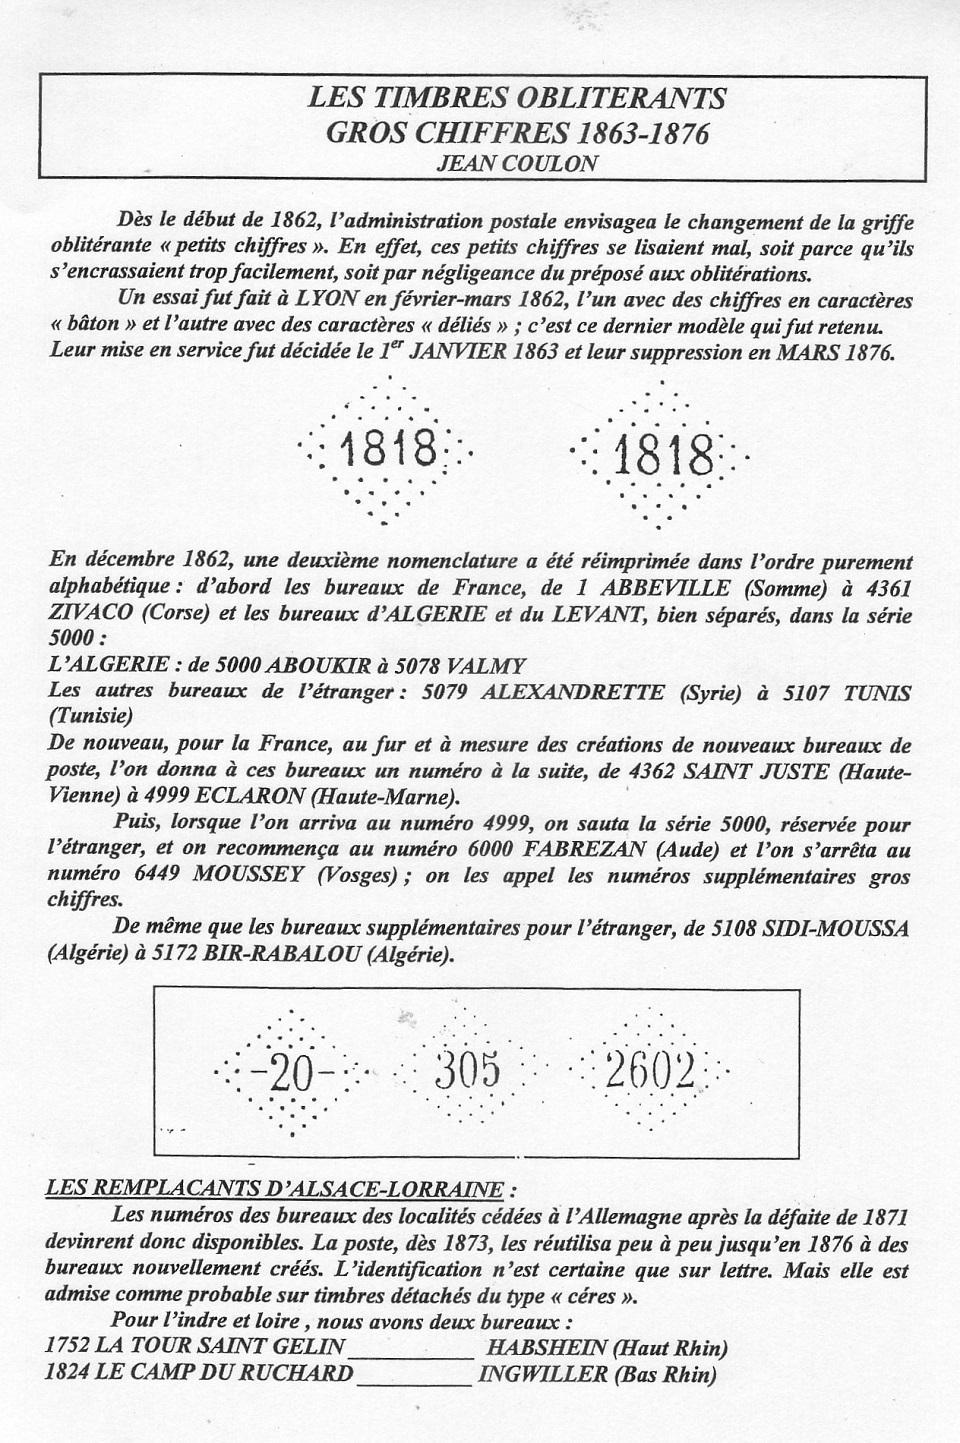 8 Les_timbres_oblit-rants-03